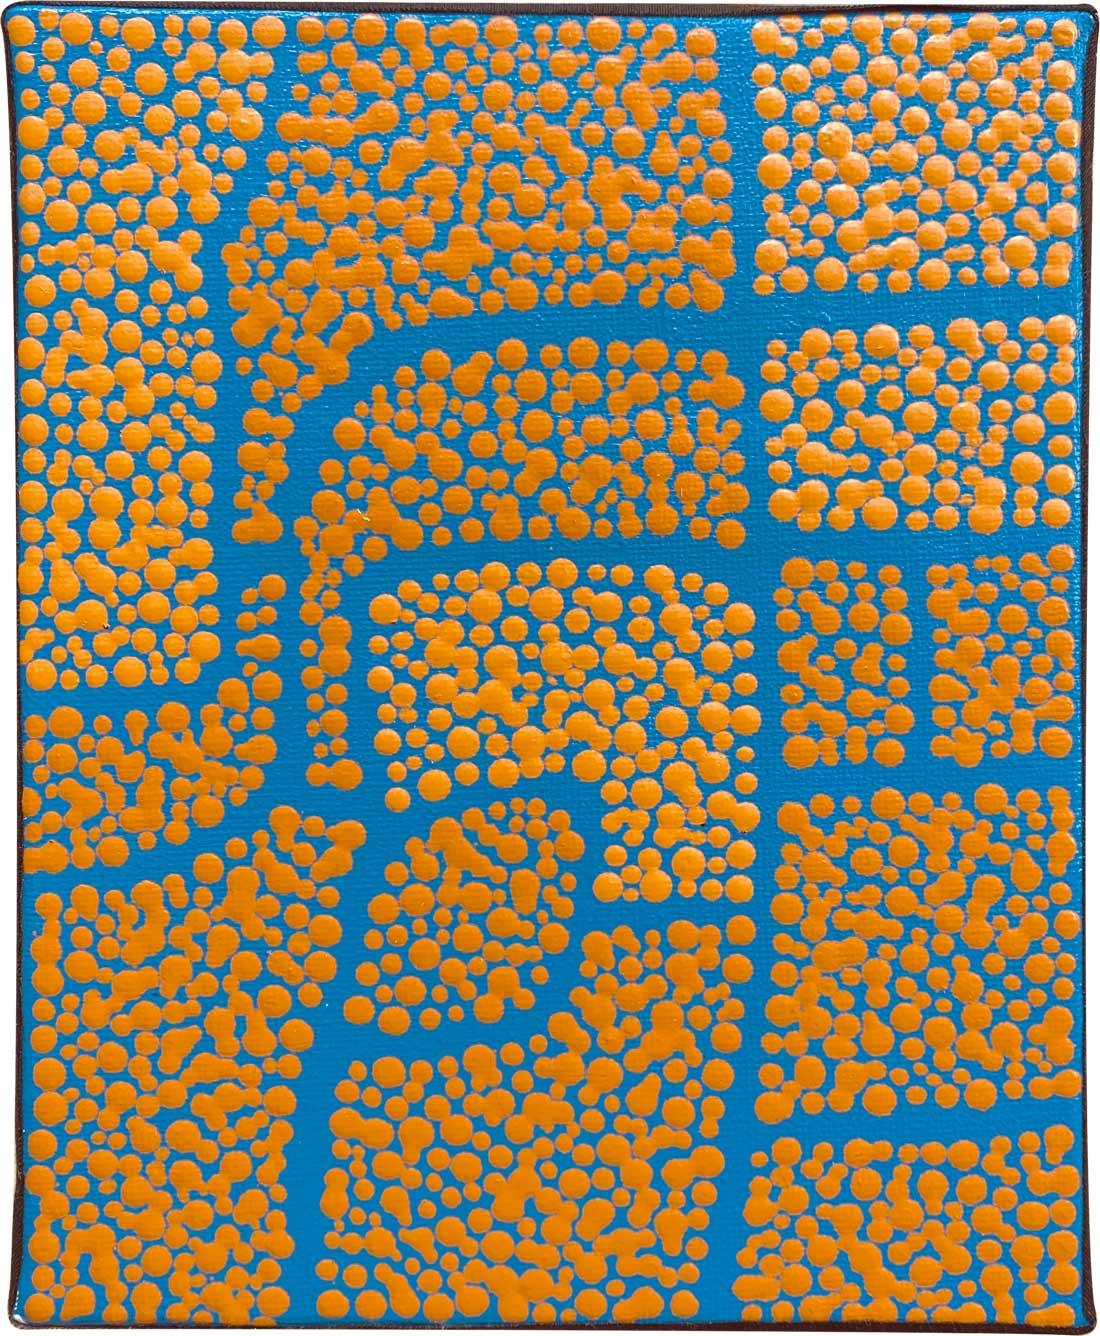 Sans-titre-(mini-orange-fond-bleu)-packshot